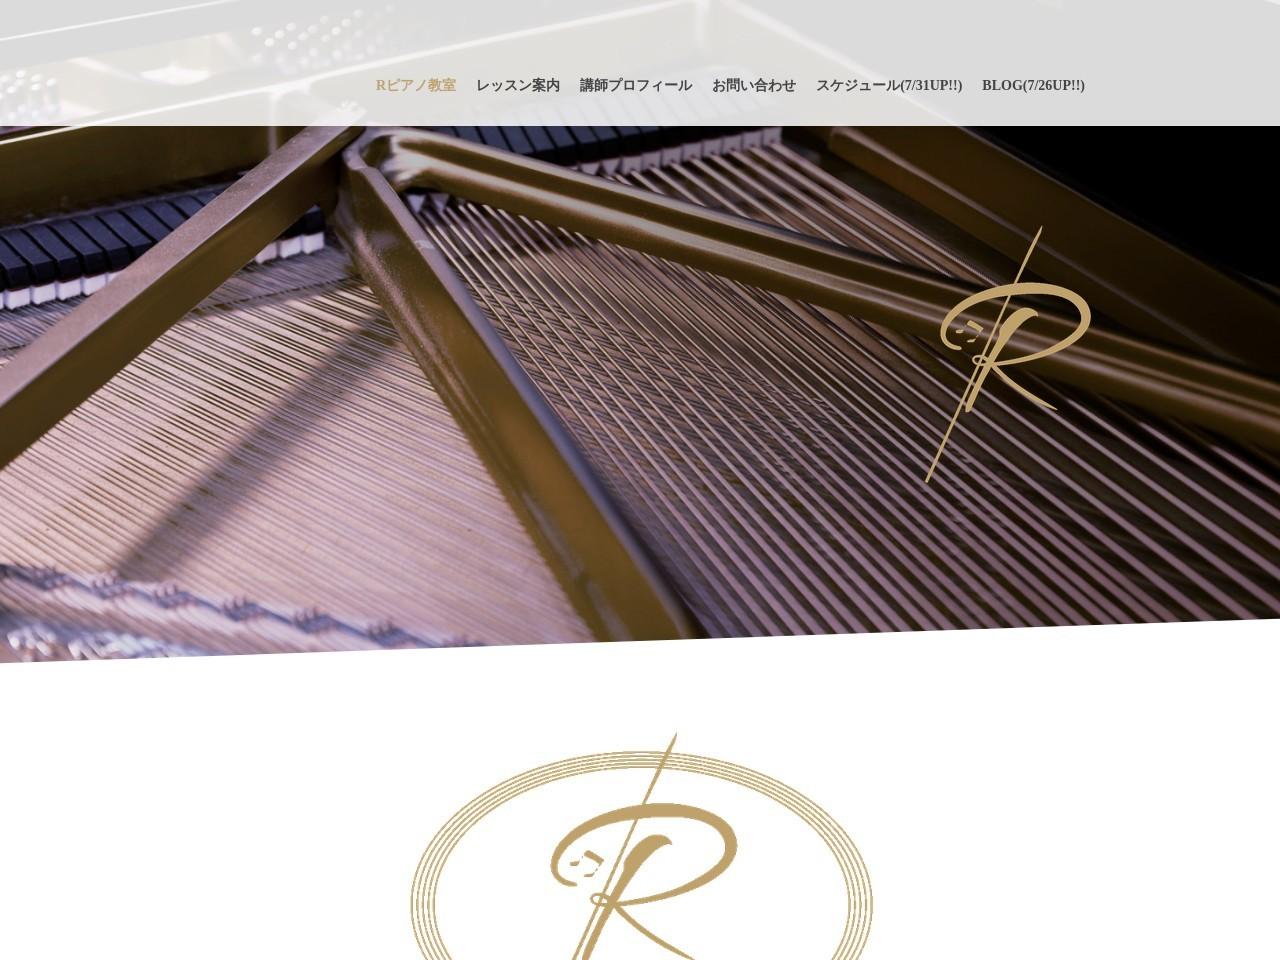 Rピアノ教室のサムネイル